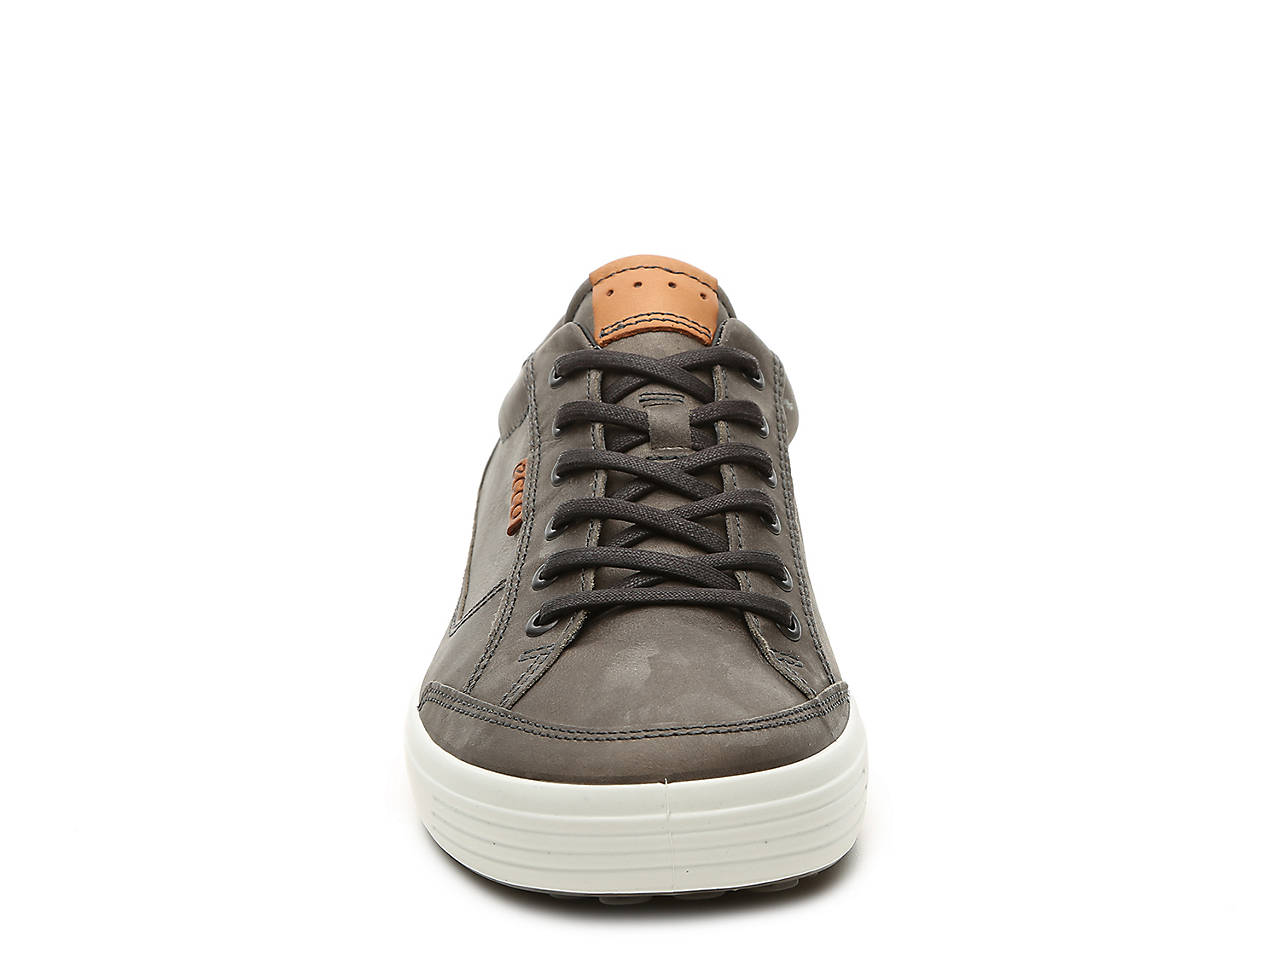 8aa0f7d12d00 ECCO Soft 7 Sneaker Men s Shoes